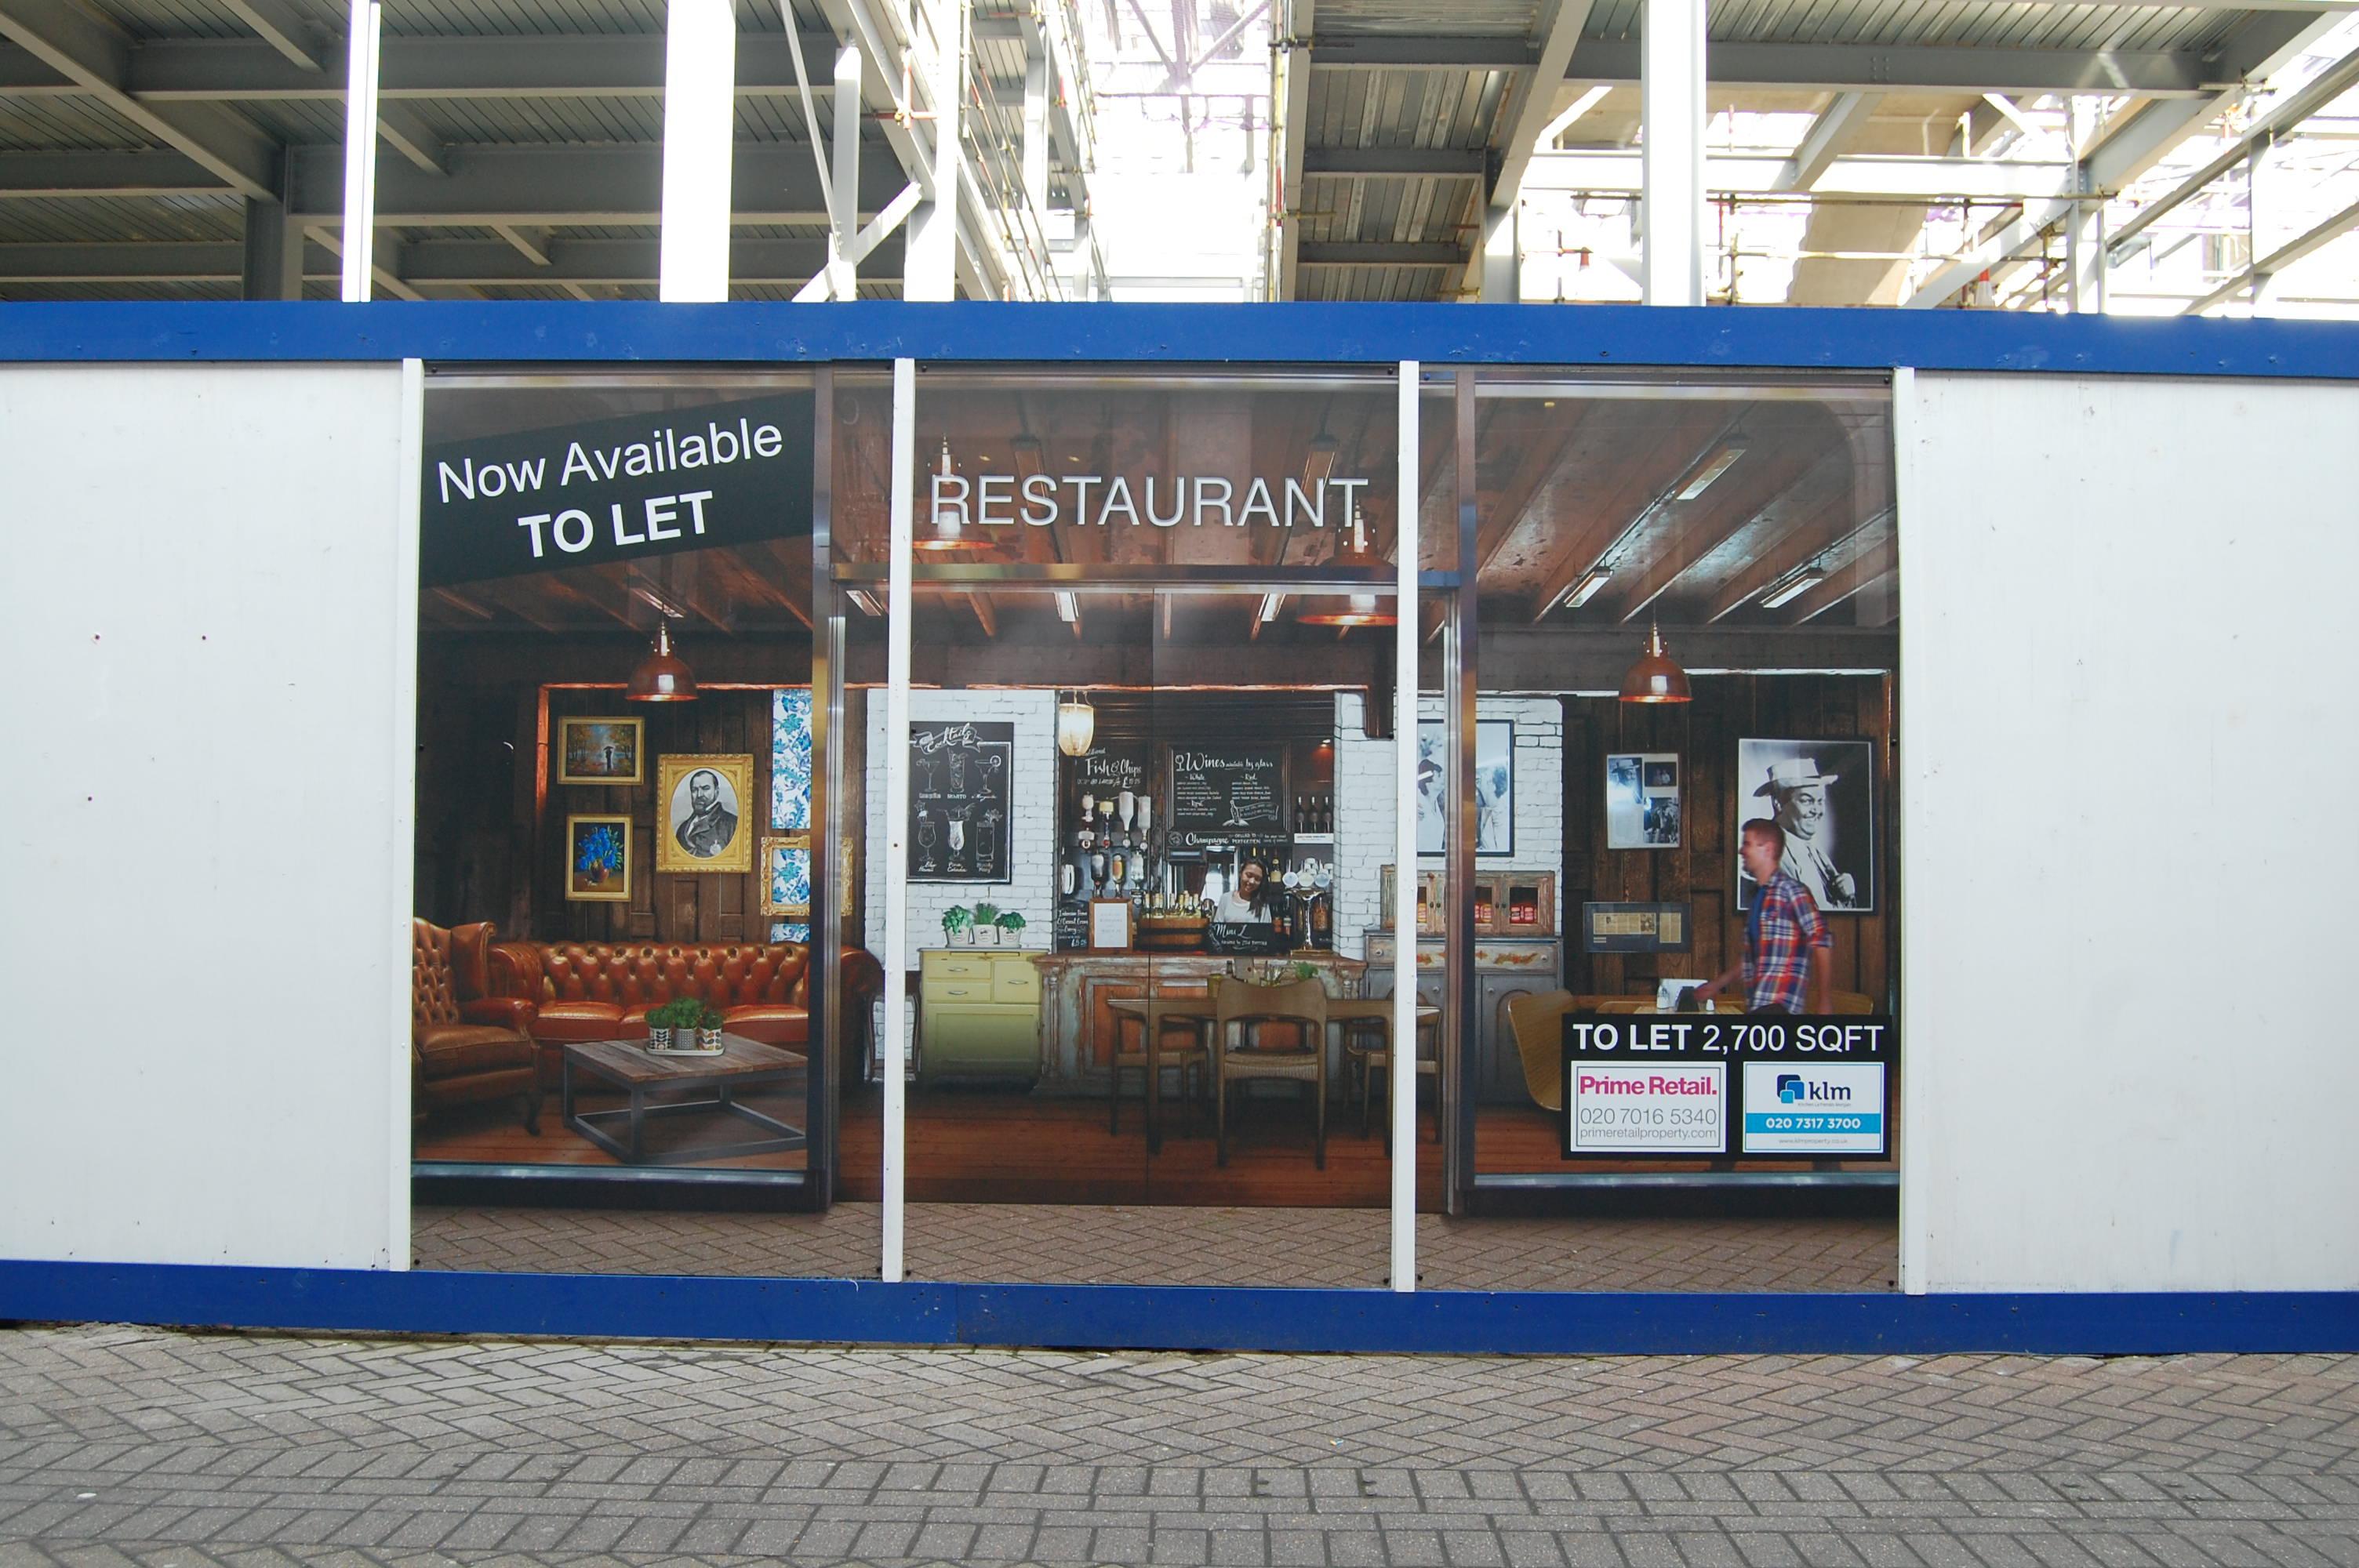 Orpington Hoarding Restaurant